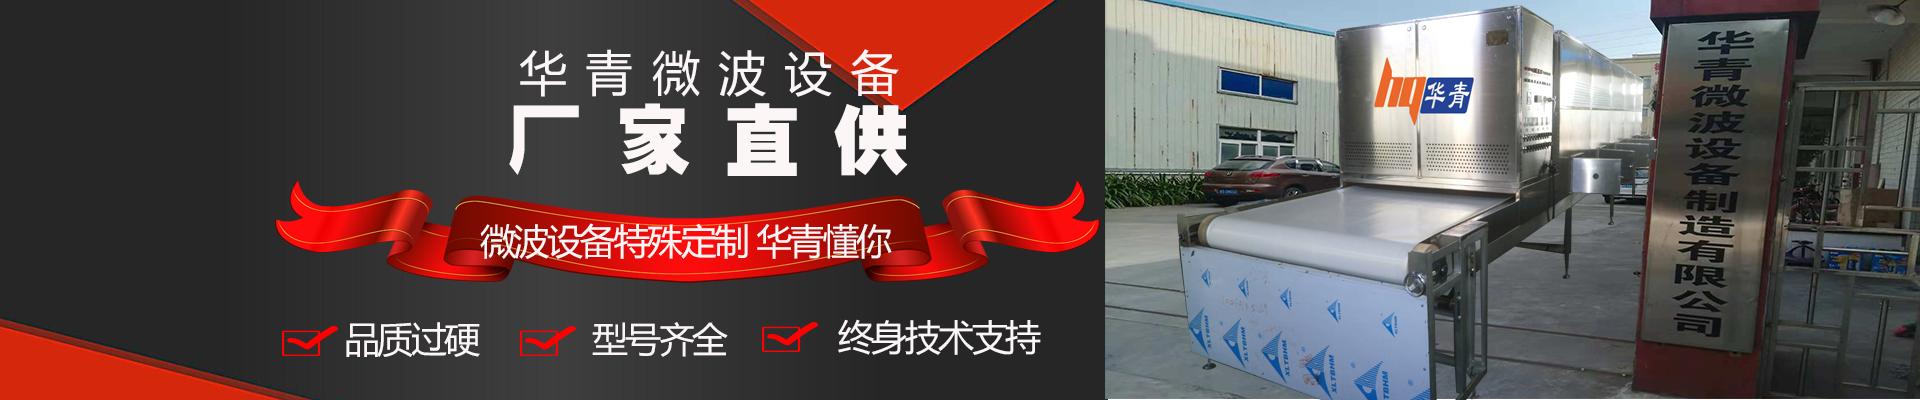 东莞市华青微波设备制造有限公司